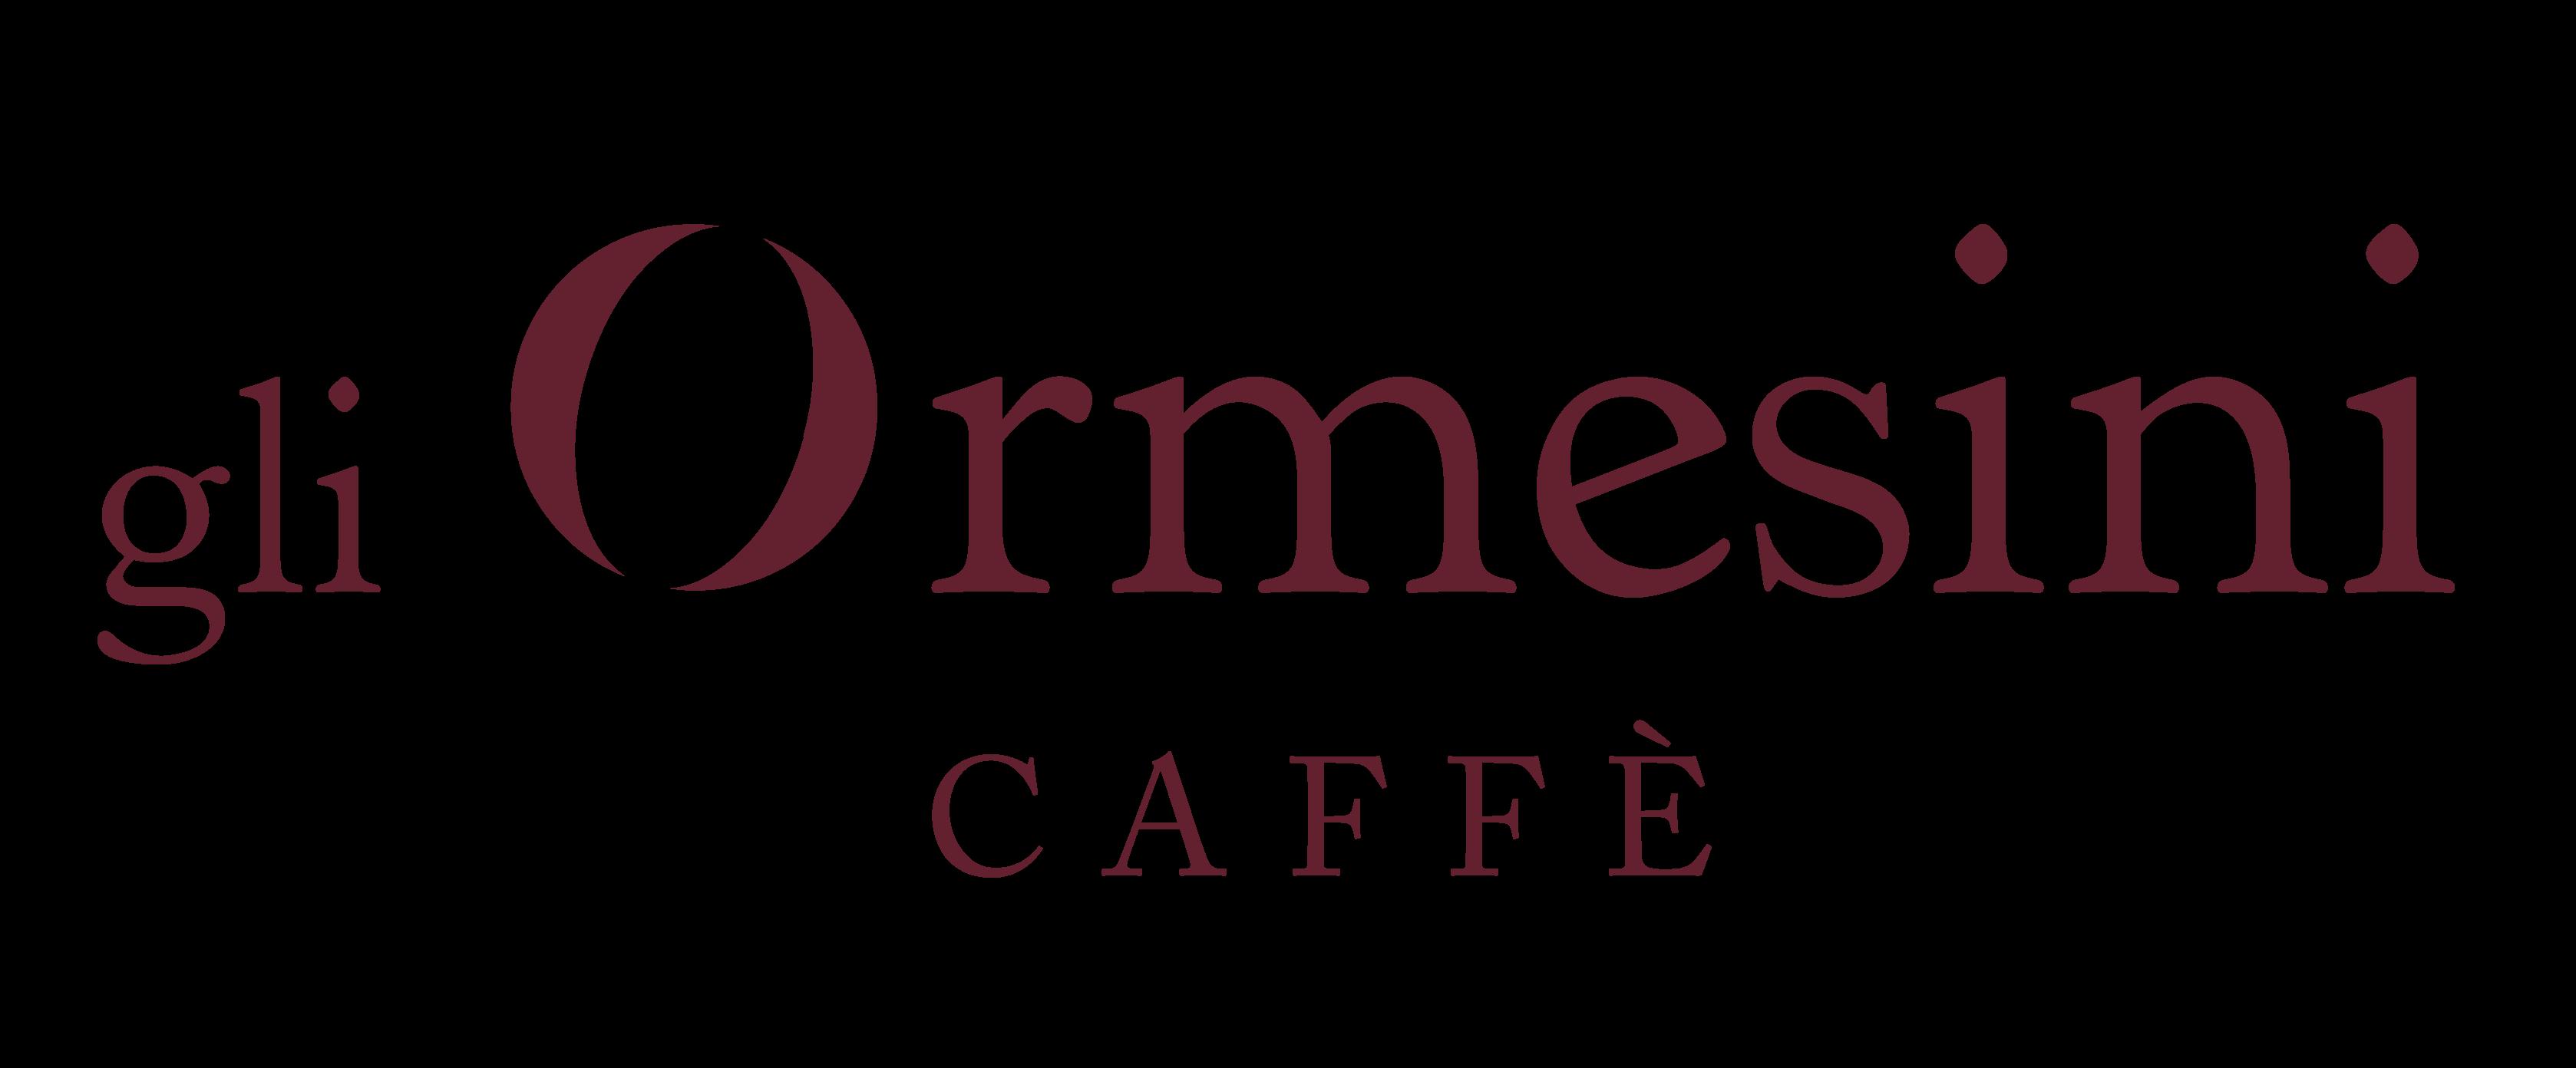 Brand logo extended